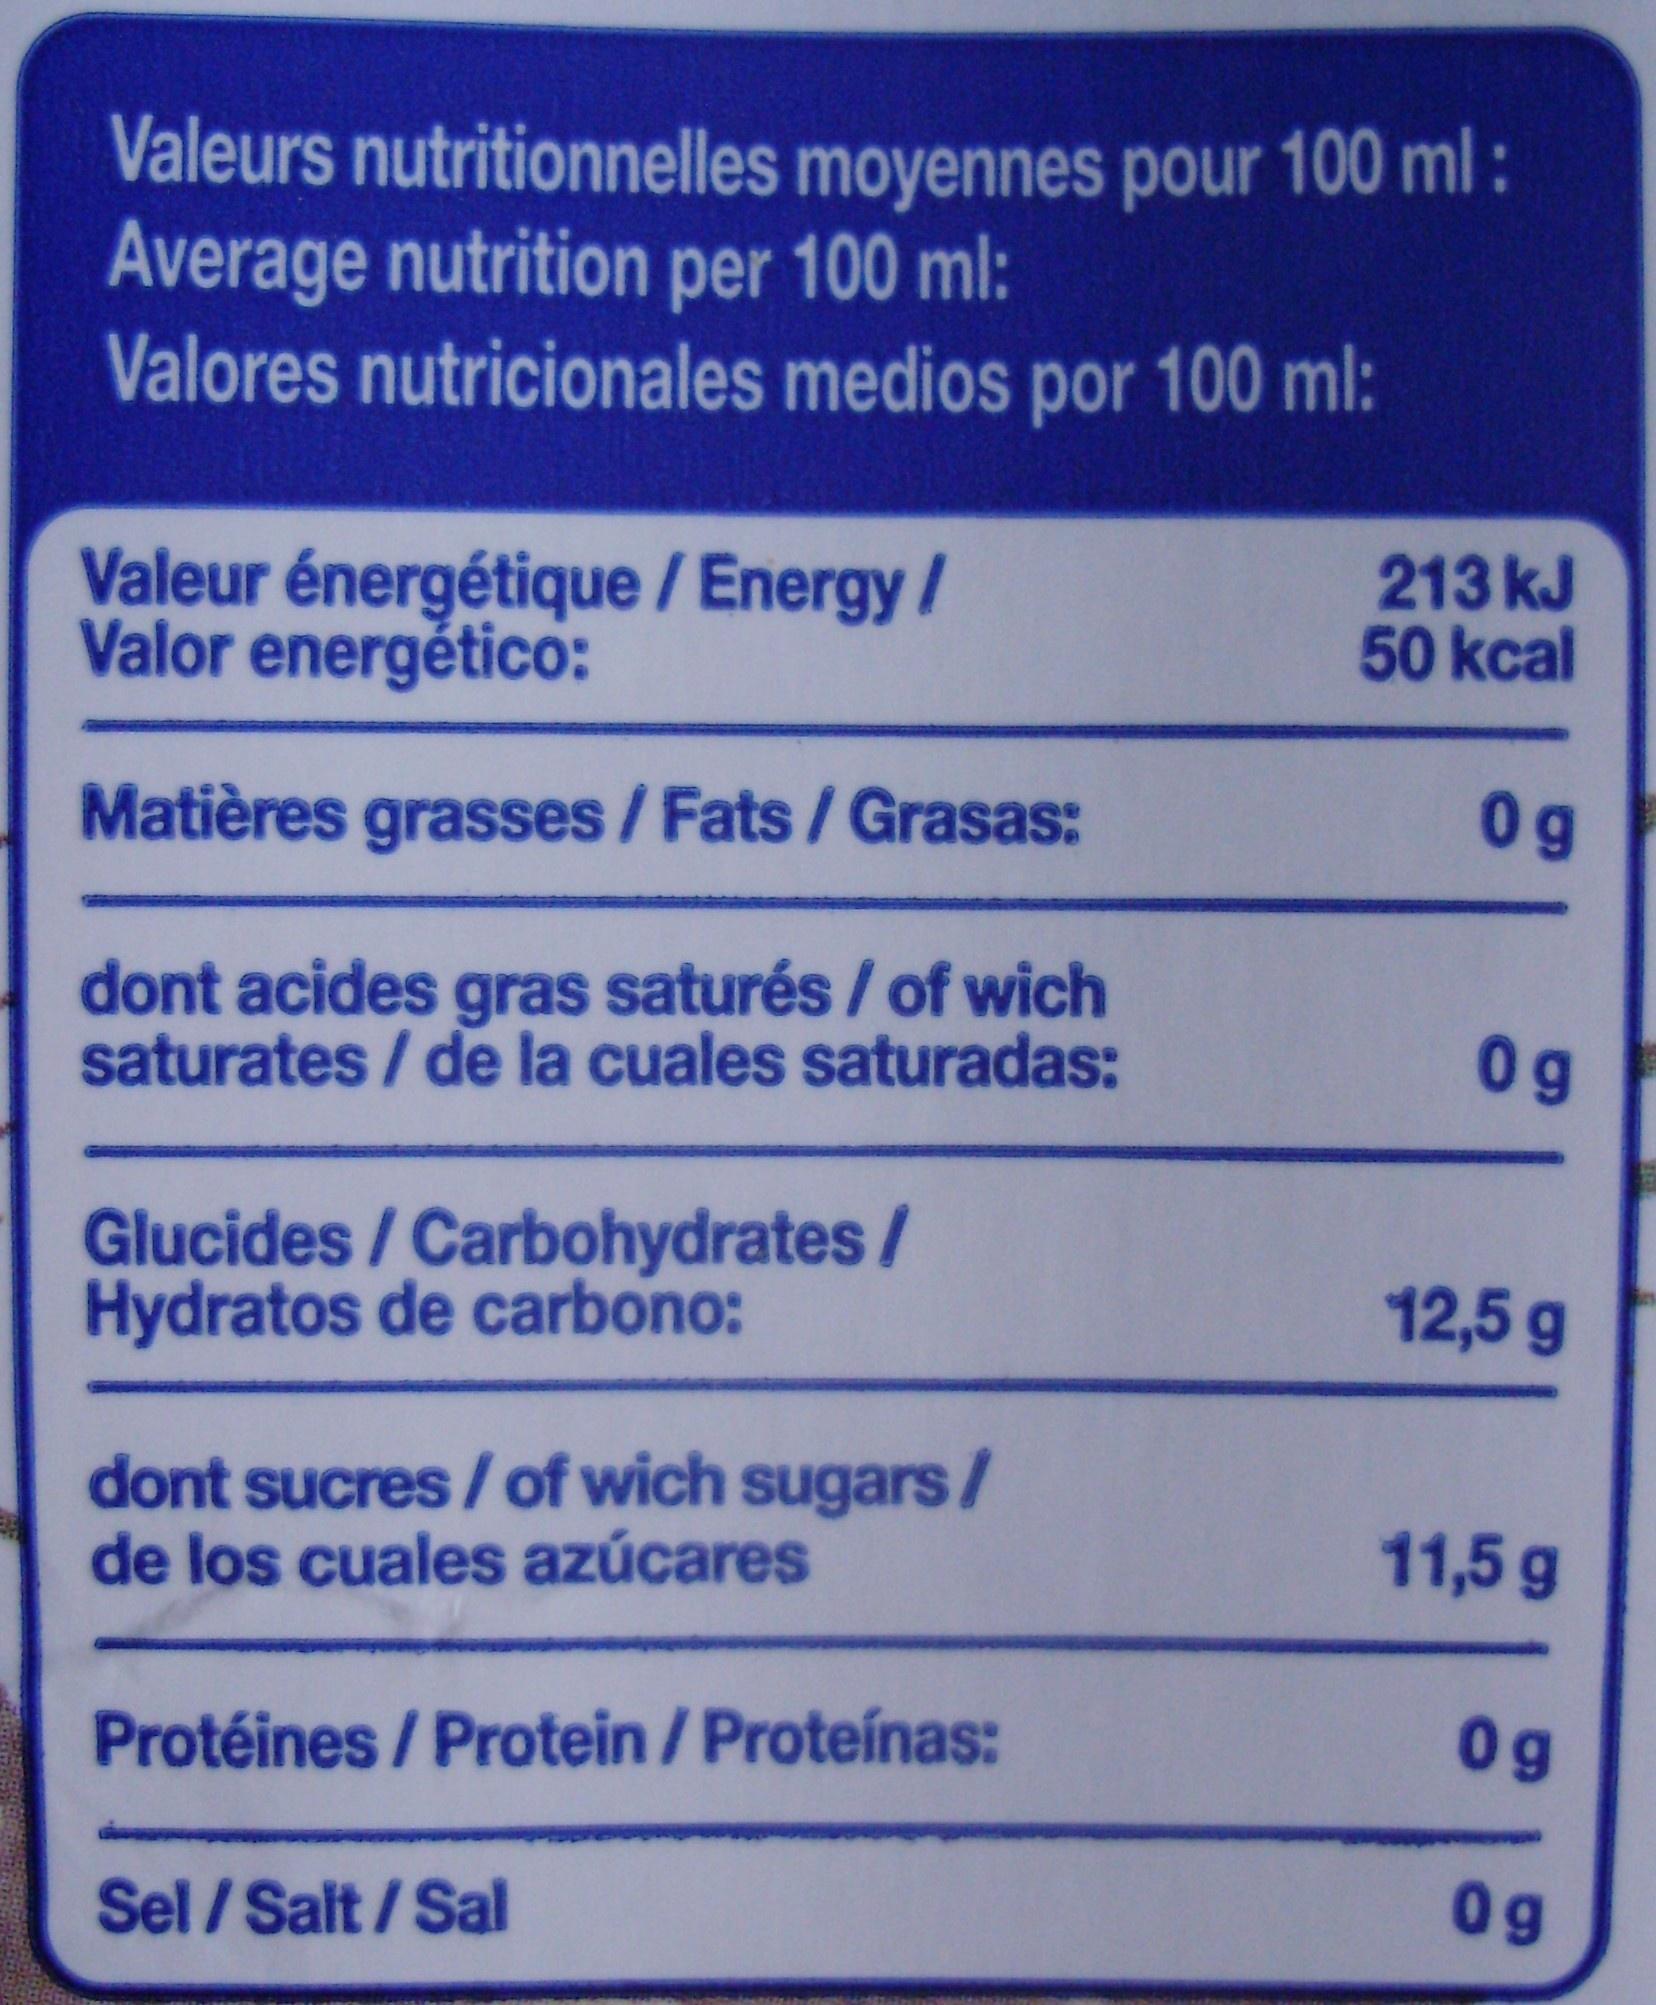 Jus d'ananas à base de jus concentré - Informations nutritionnelles - fr